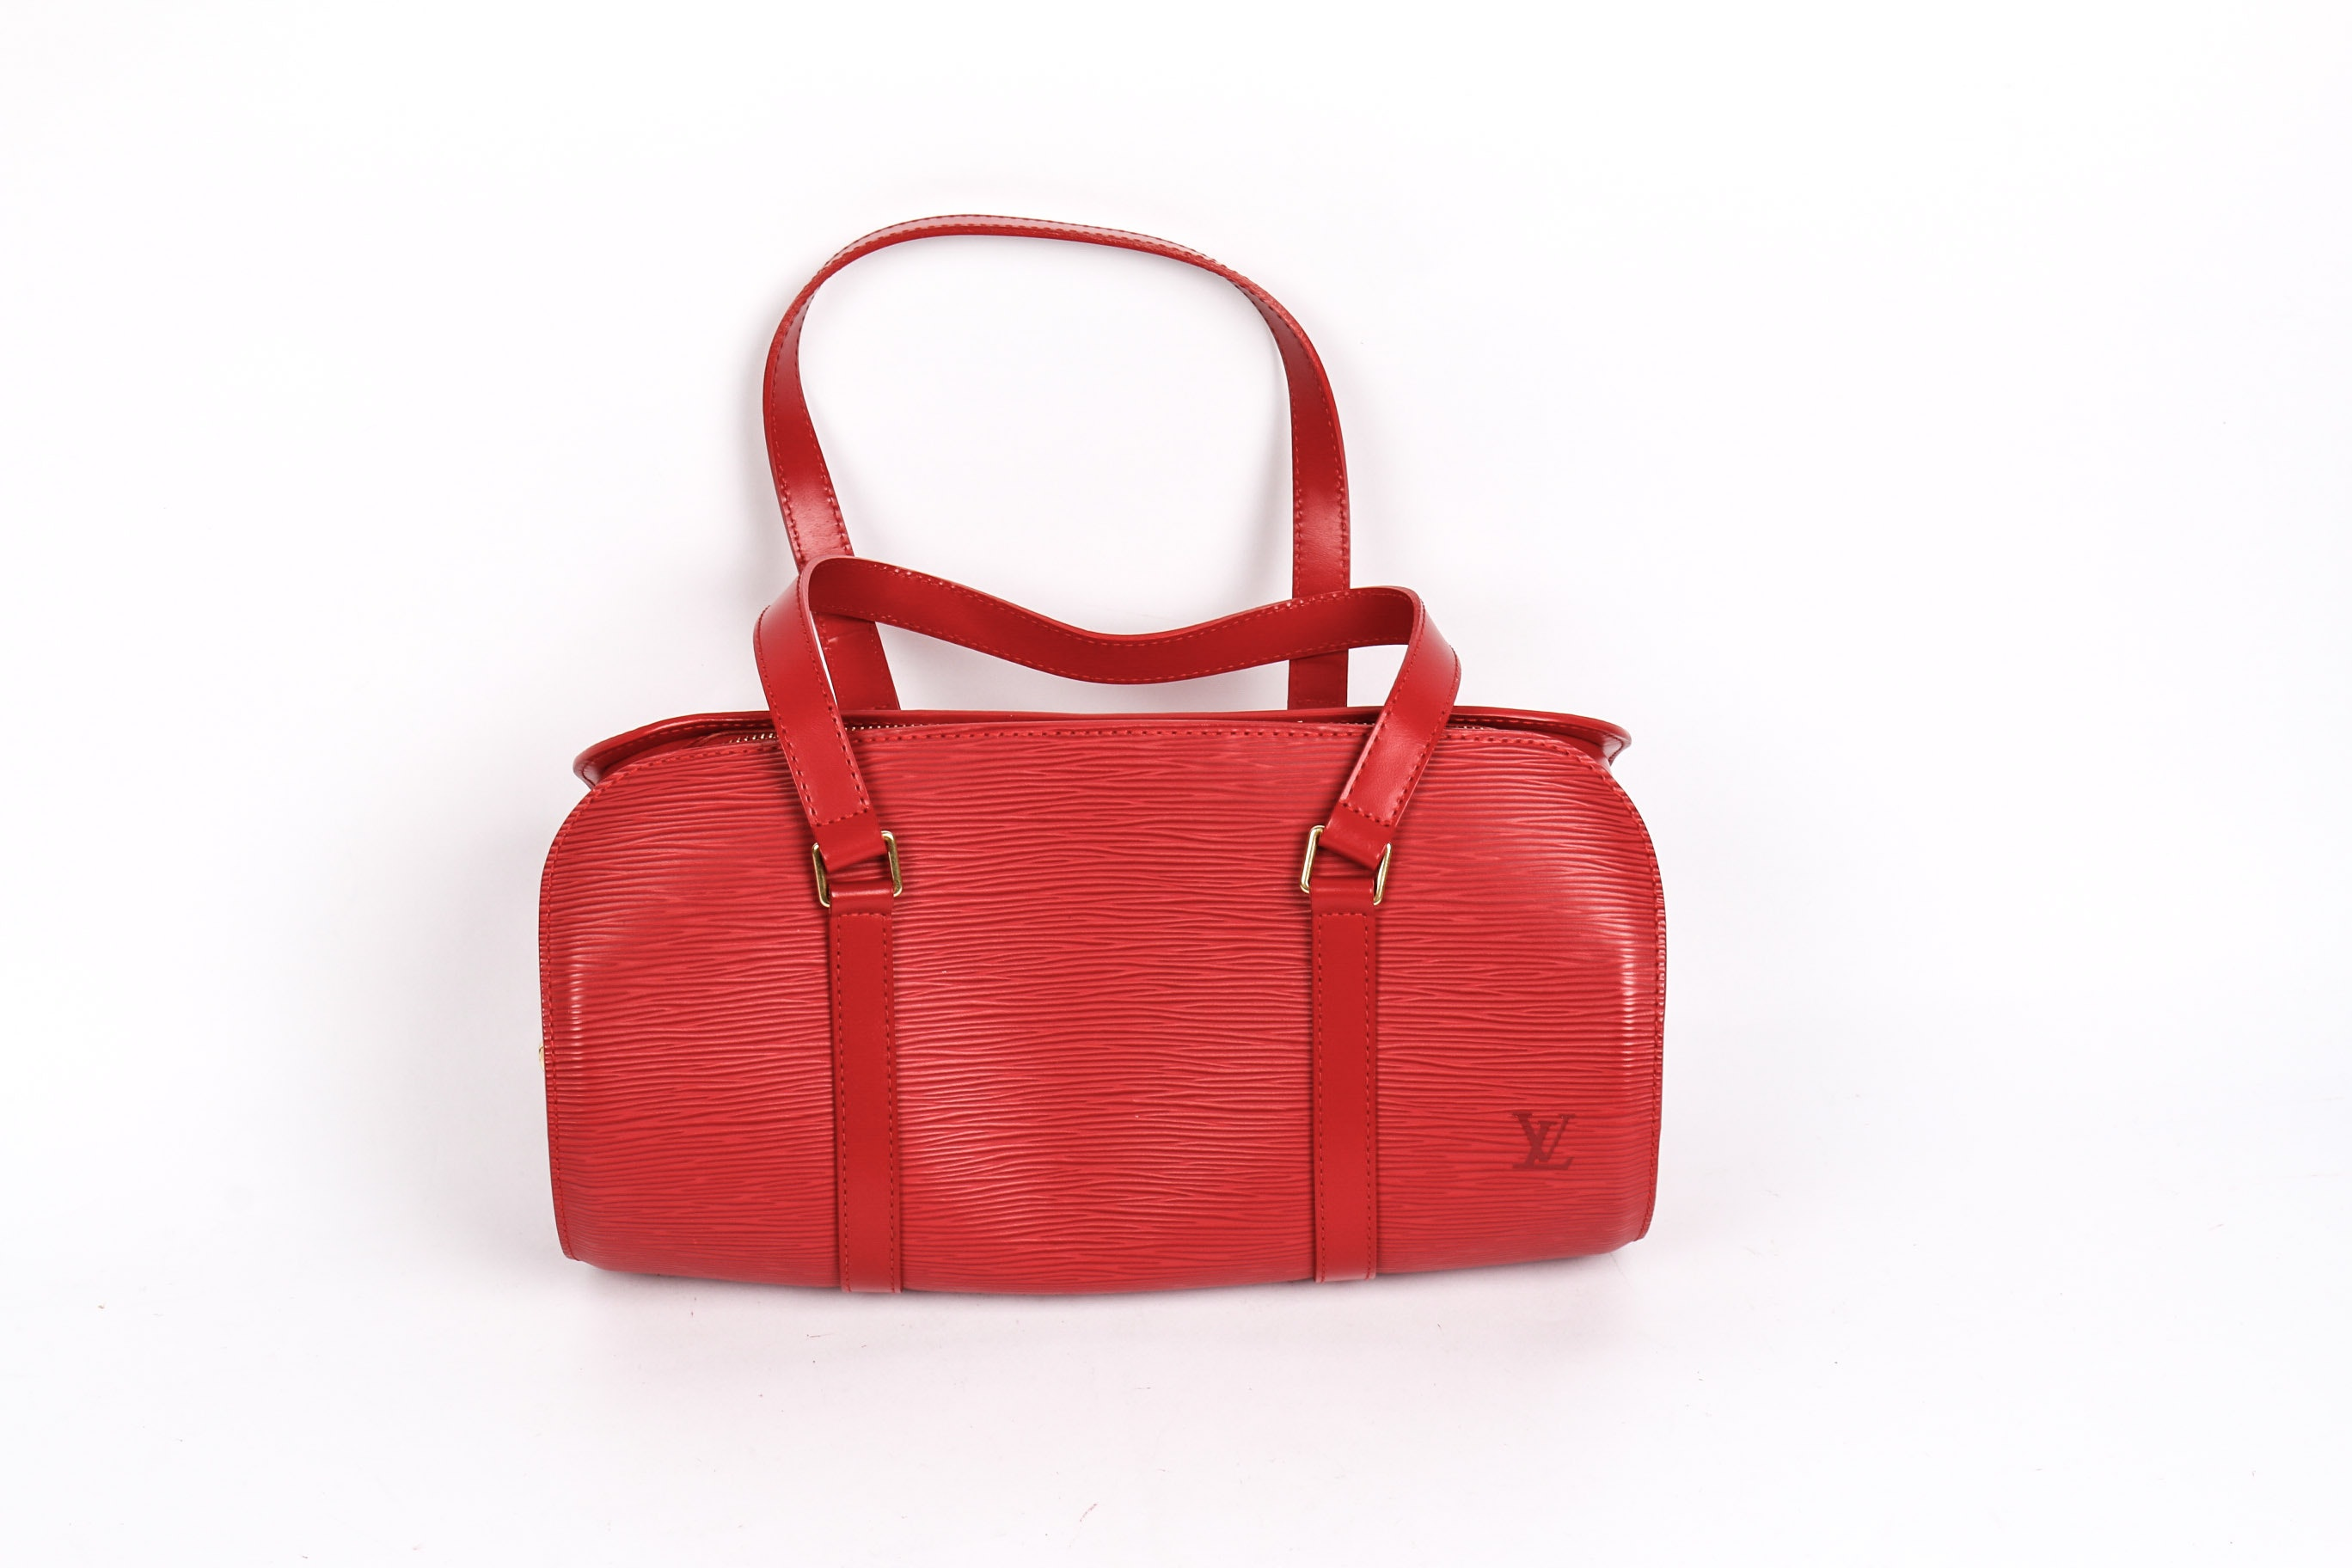 Louis Vuitton Epi Leather Soufflot Bag